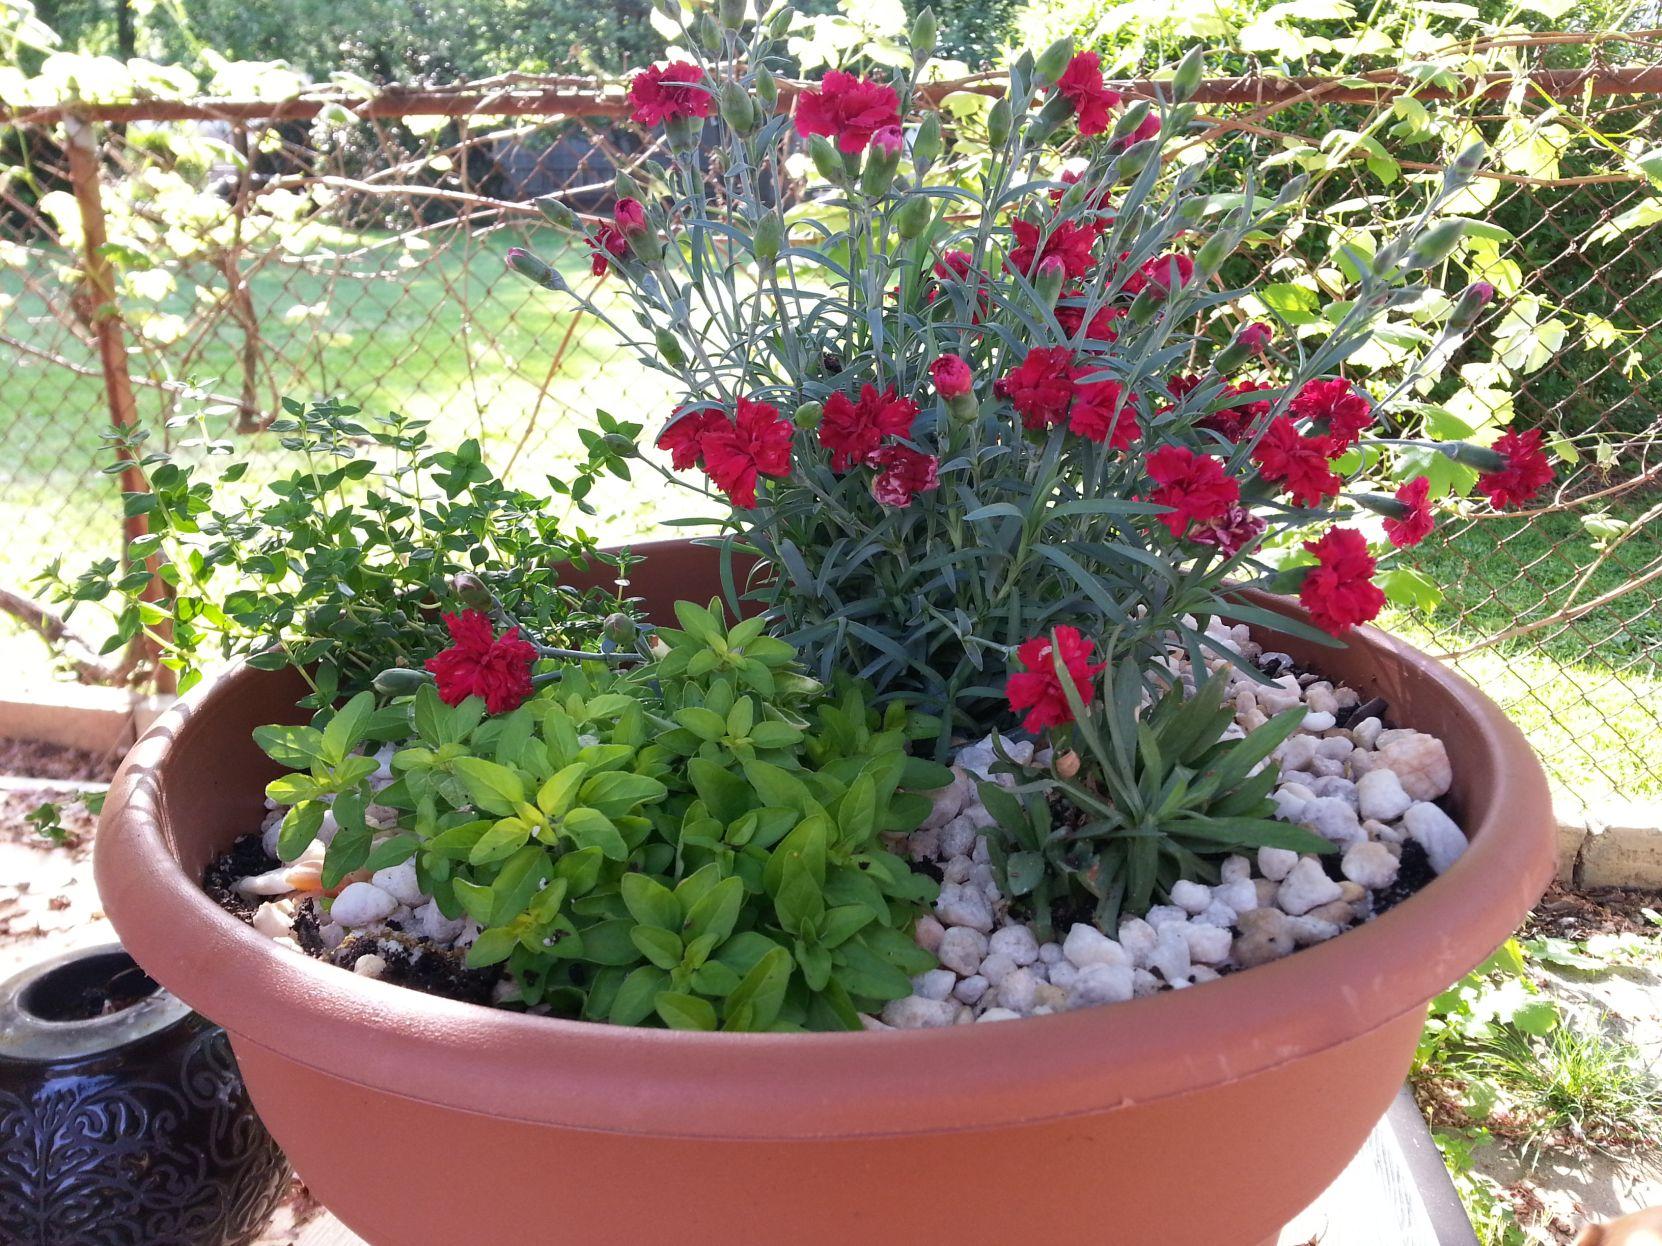 Garden Guru: Container Gardening Brightens Small Spaces